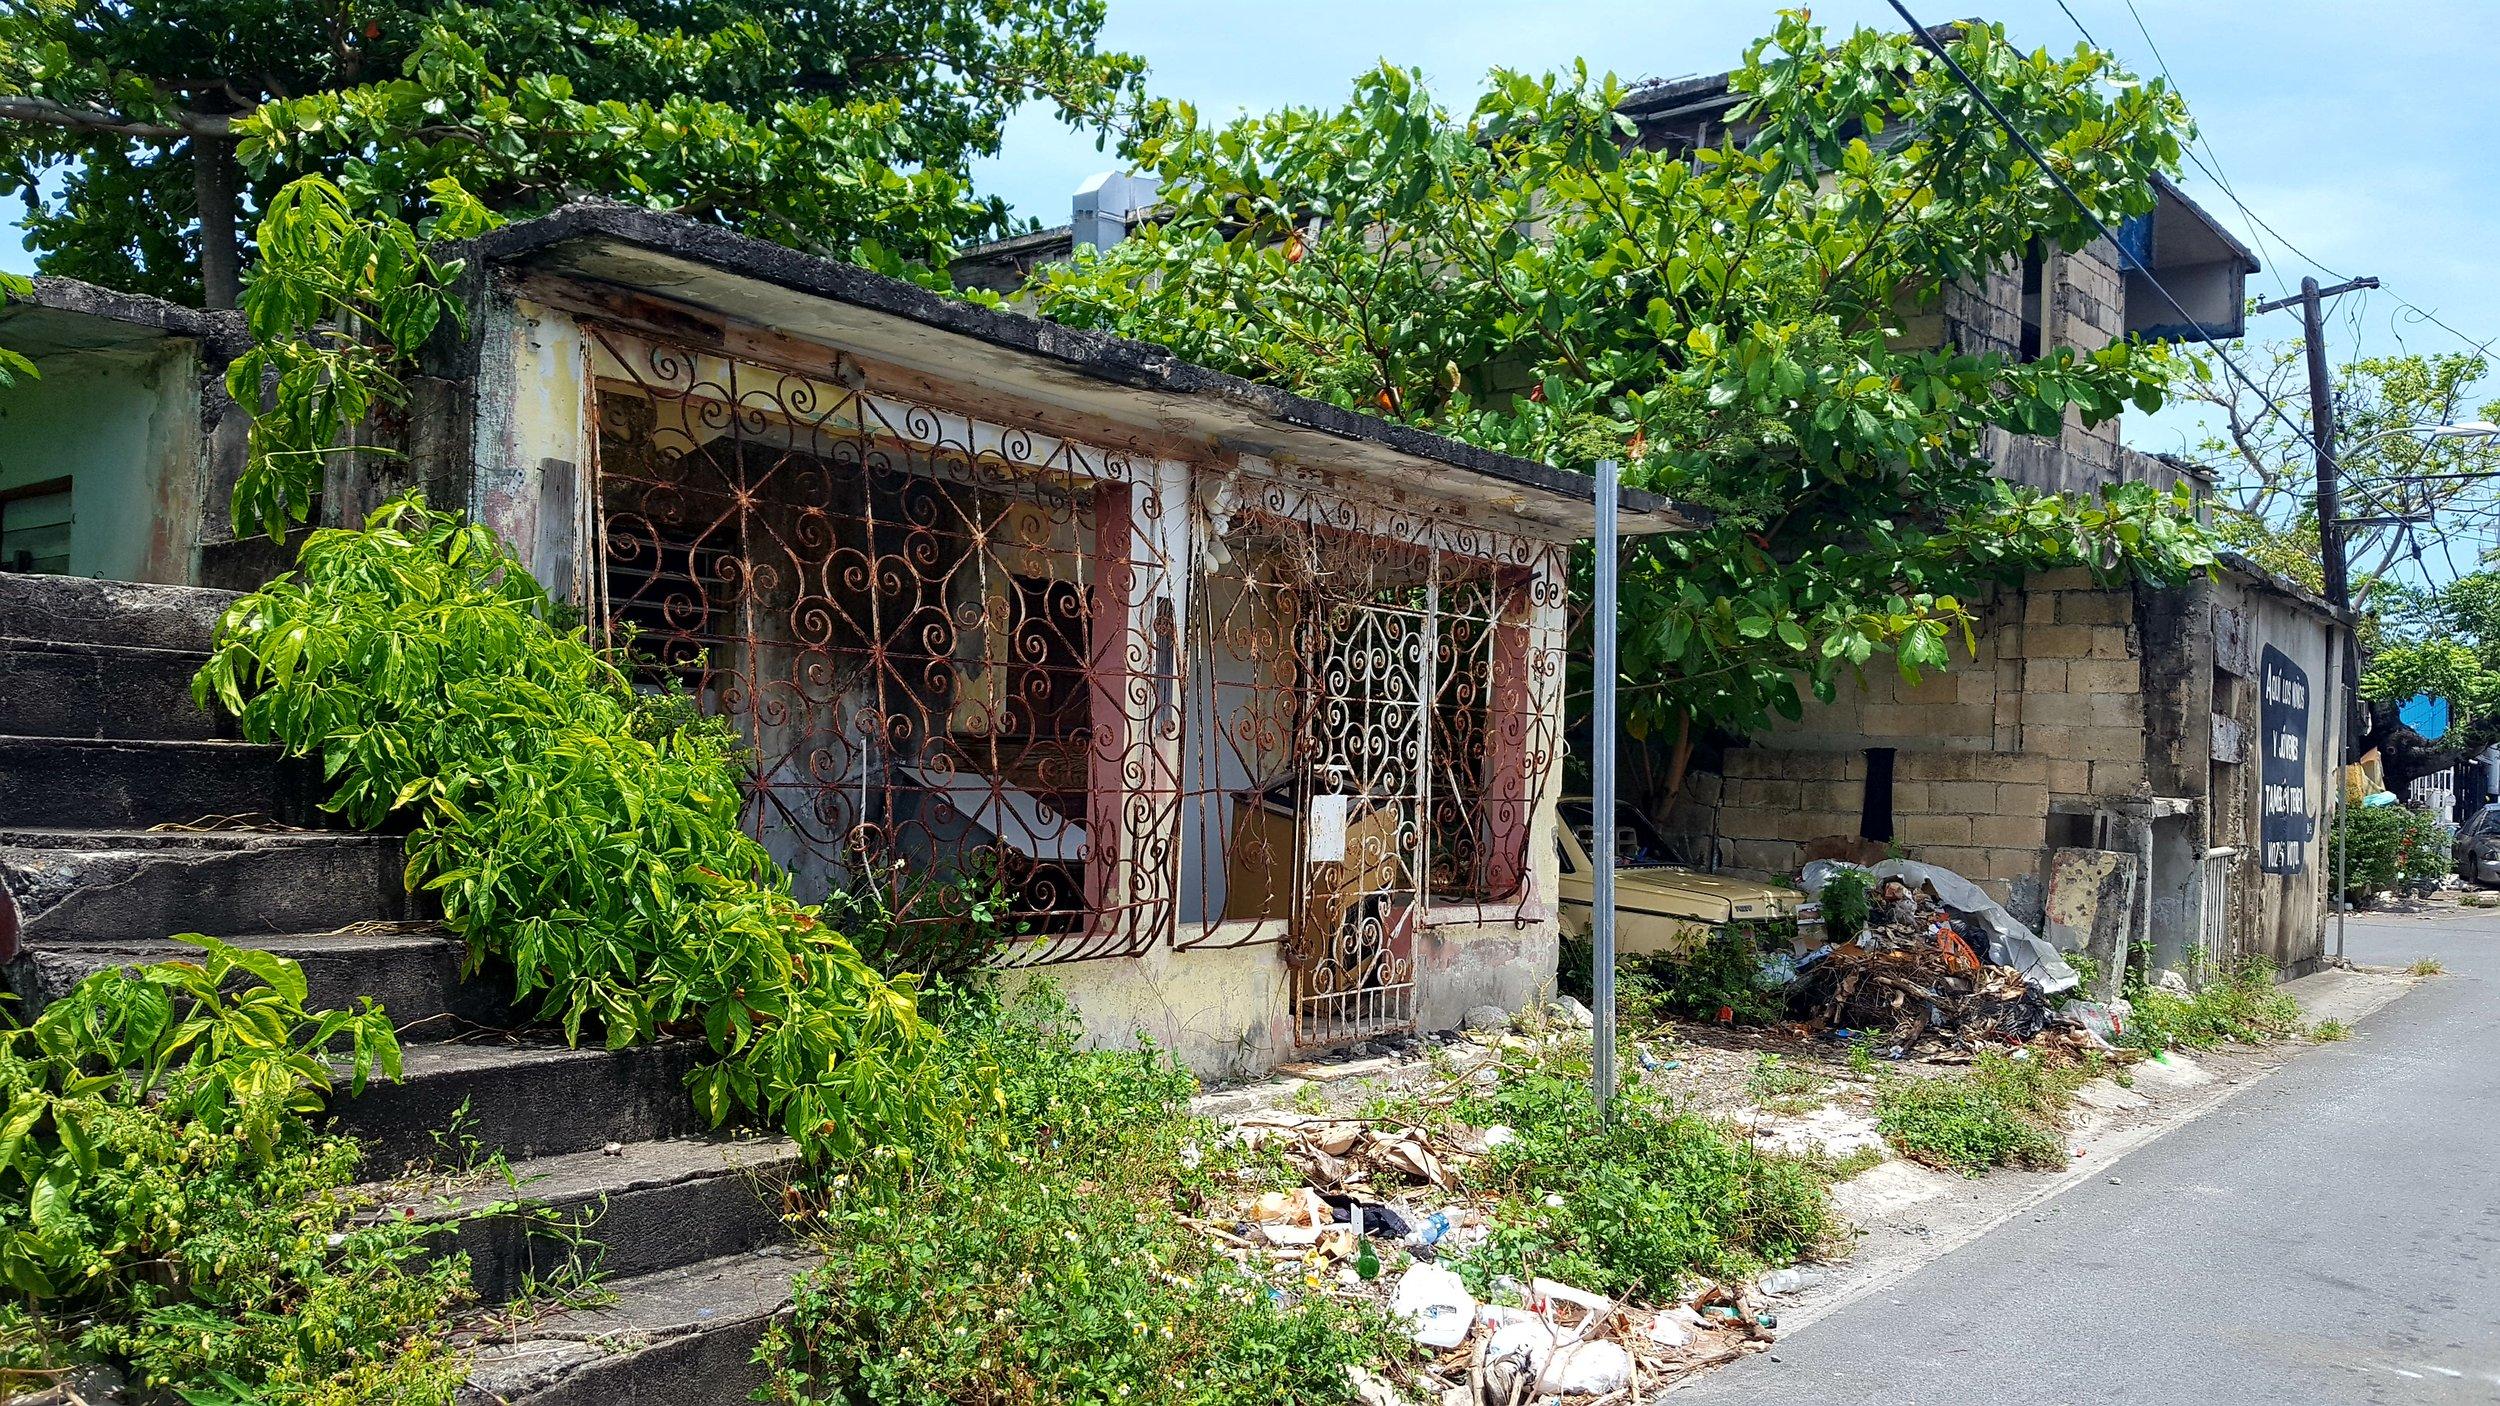 Cano Martin Pina neighborhood site visit, San Juan